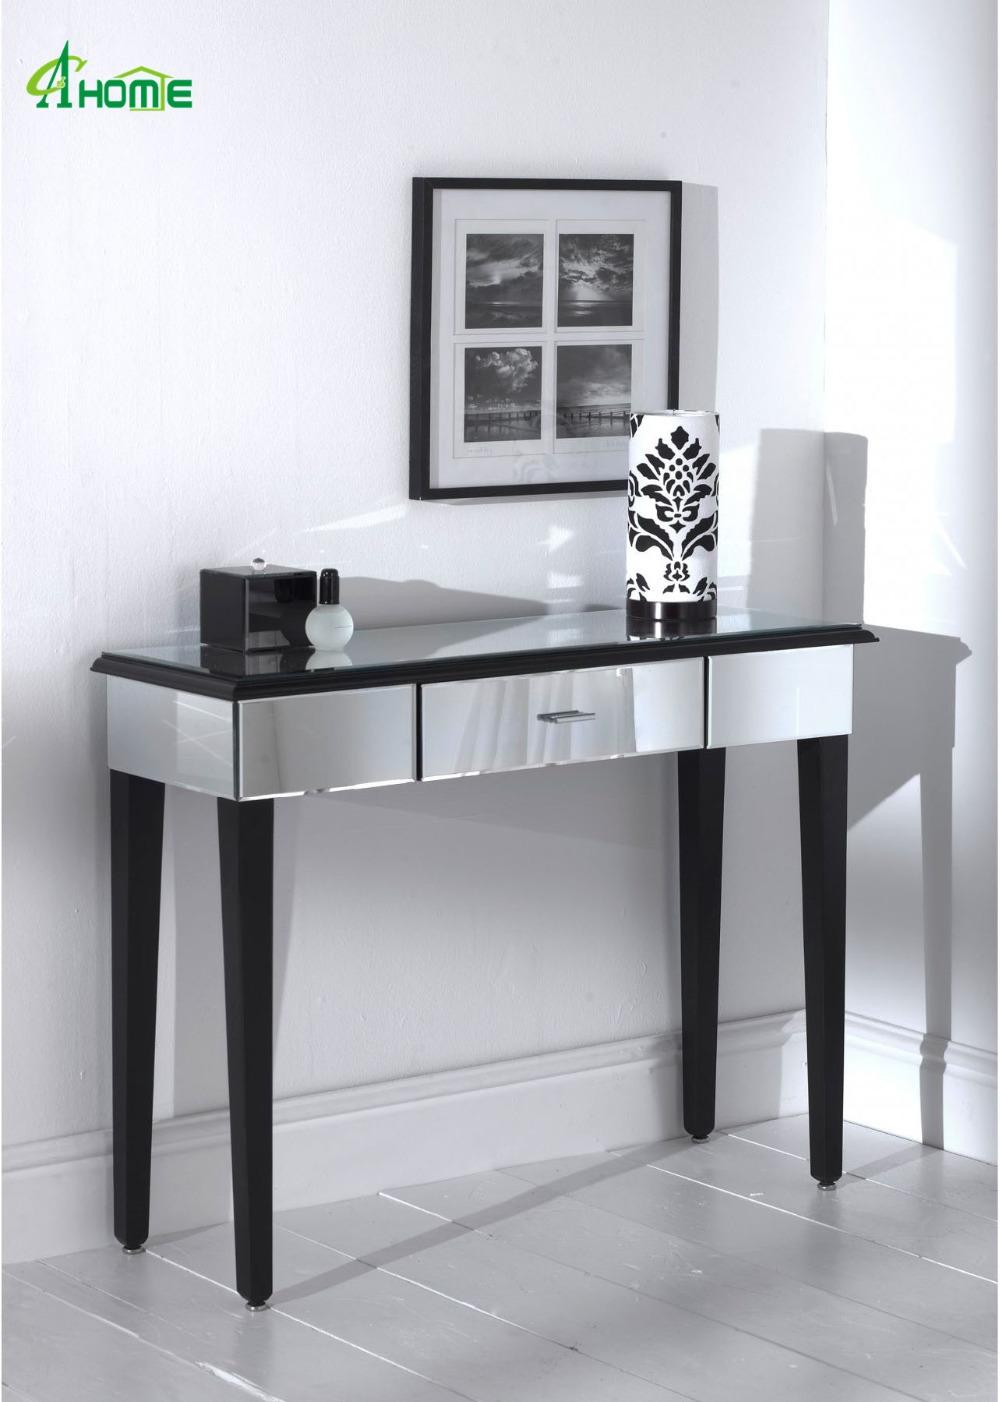 Diseño Simple De Plata De Cristal Dormitorio Muebles Espejo Tocador ...